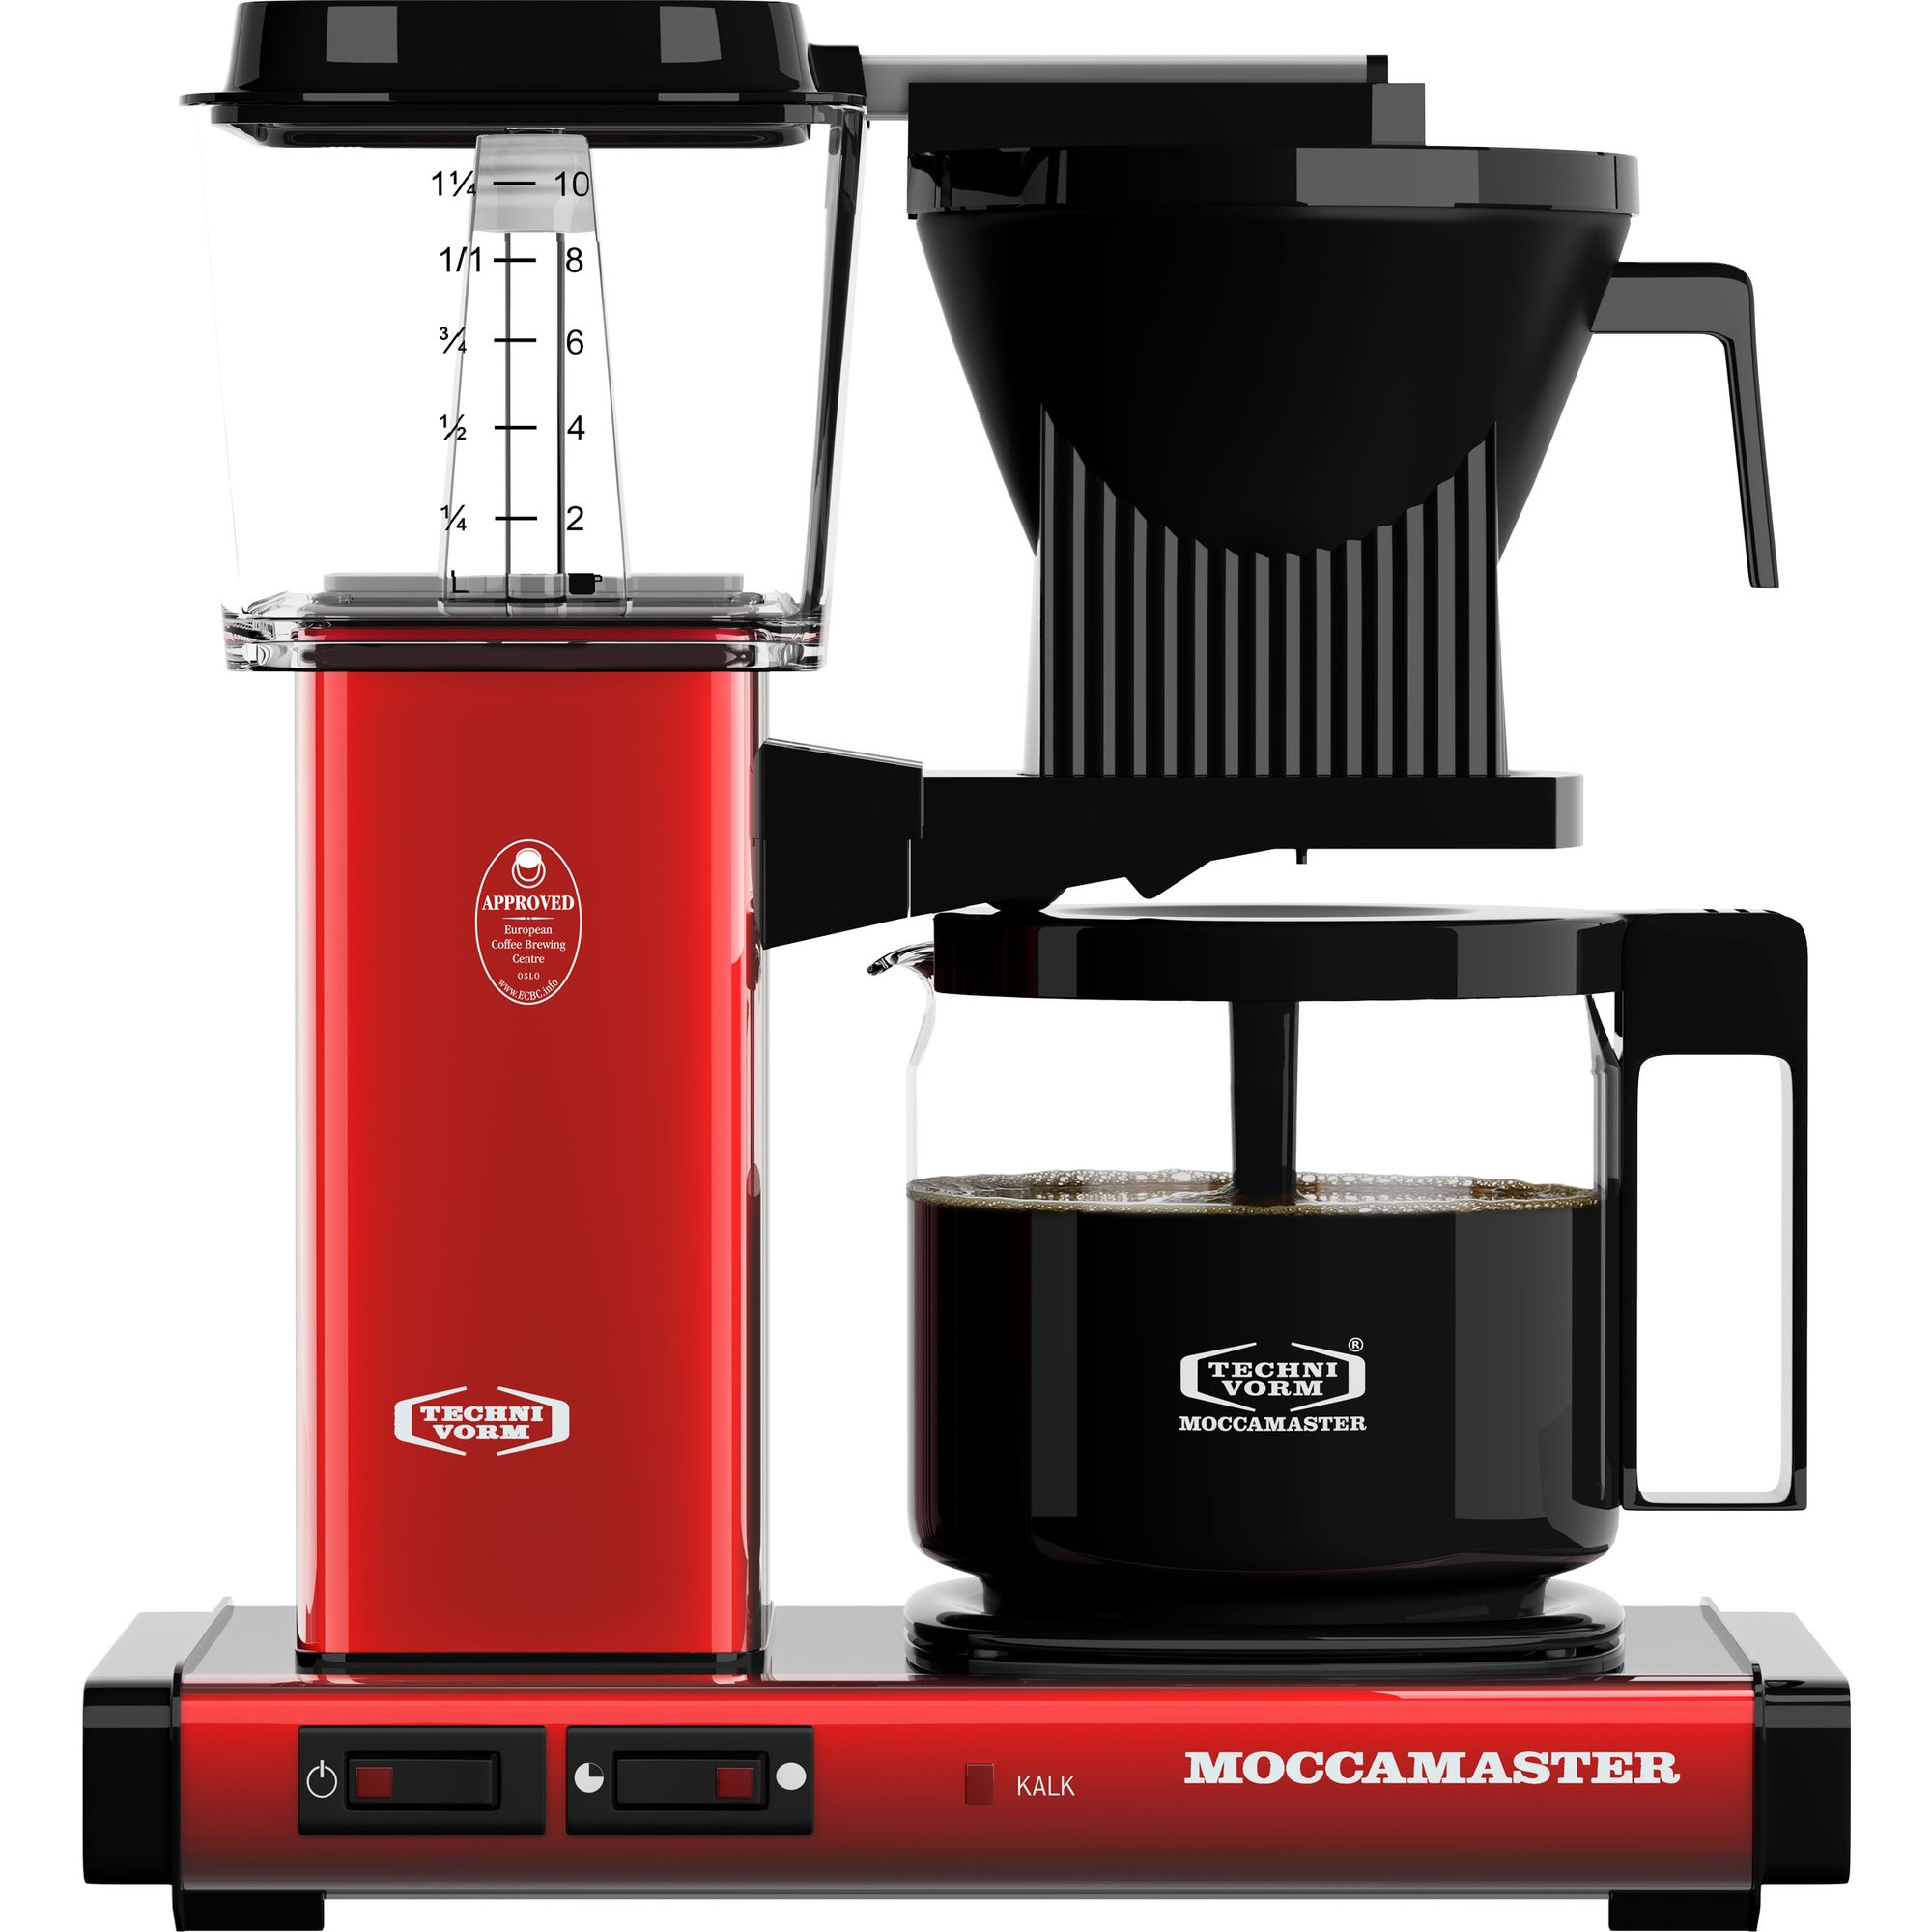 Moccamaster Kaffebryggare KBGC982AO Red Metallic